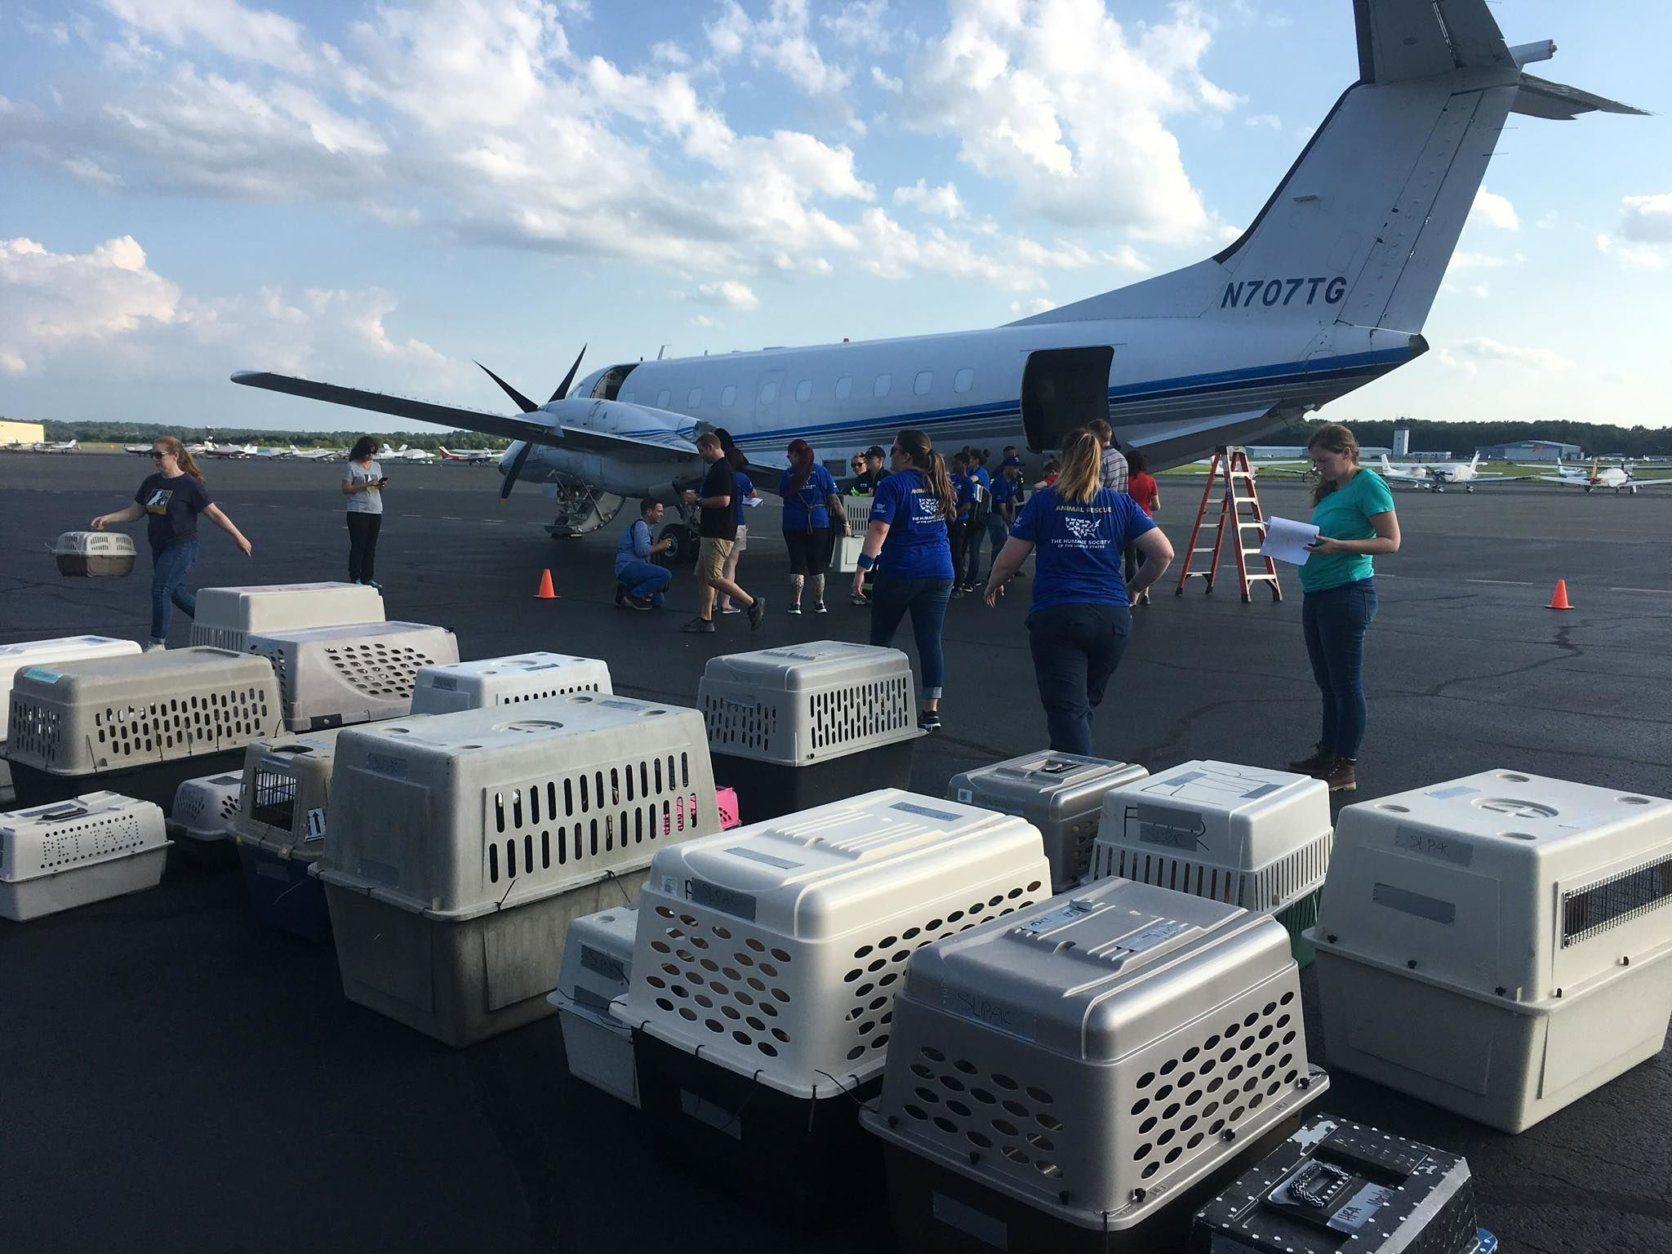 Kennels sit on landing strip at Manassas Regional Airport in Virginia.